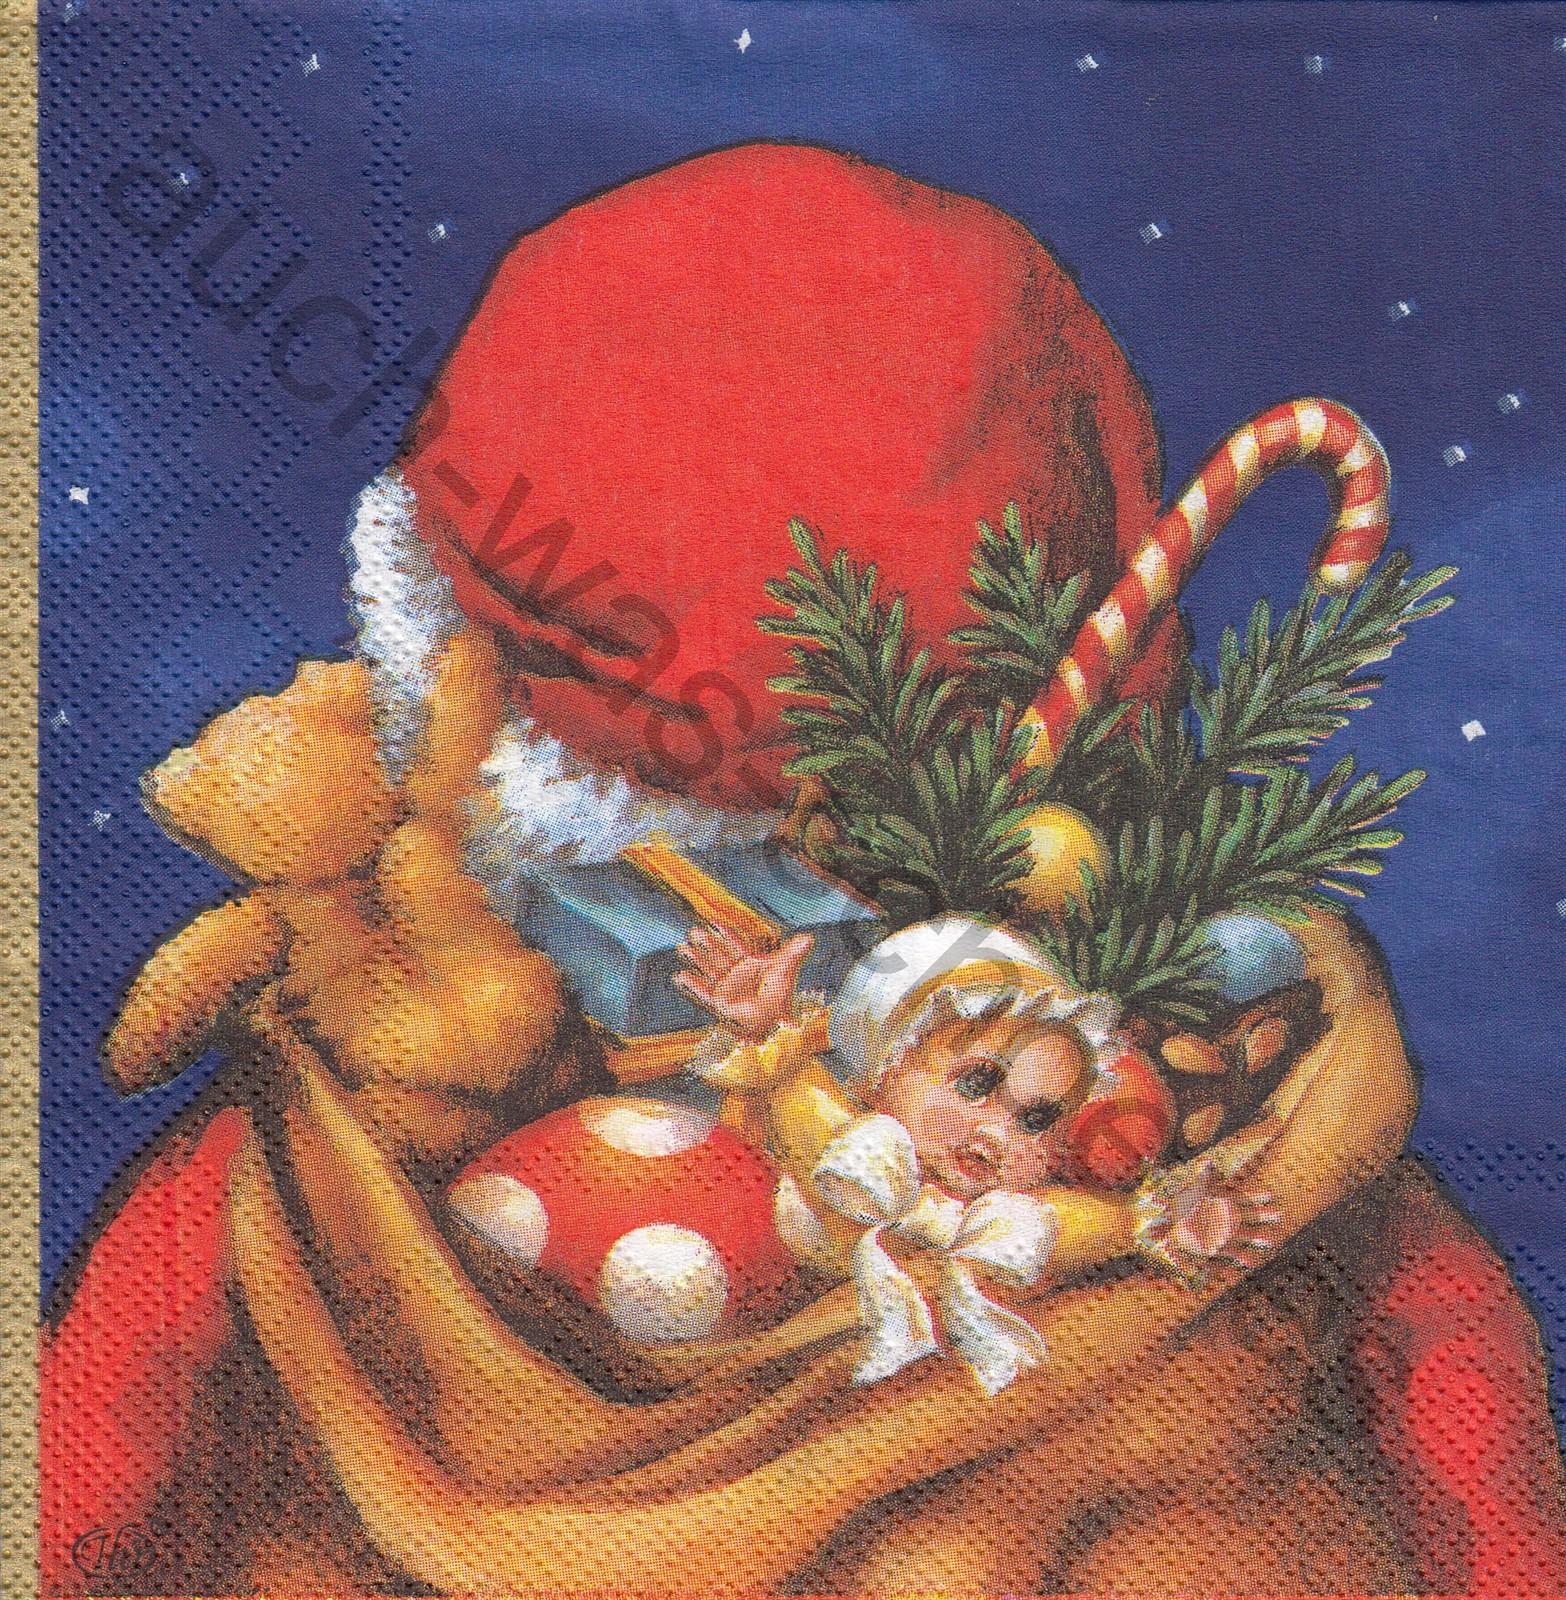 Teddy Weihnachten.Santa Claus Teddy Weihnachten Spielzeug Blue Wn418